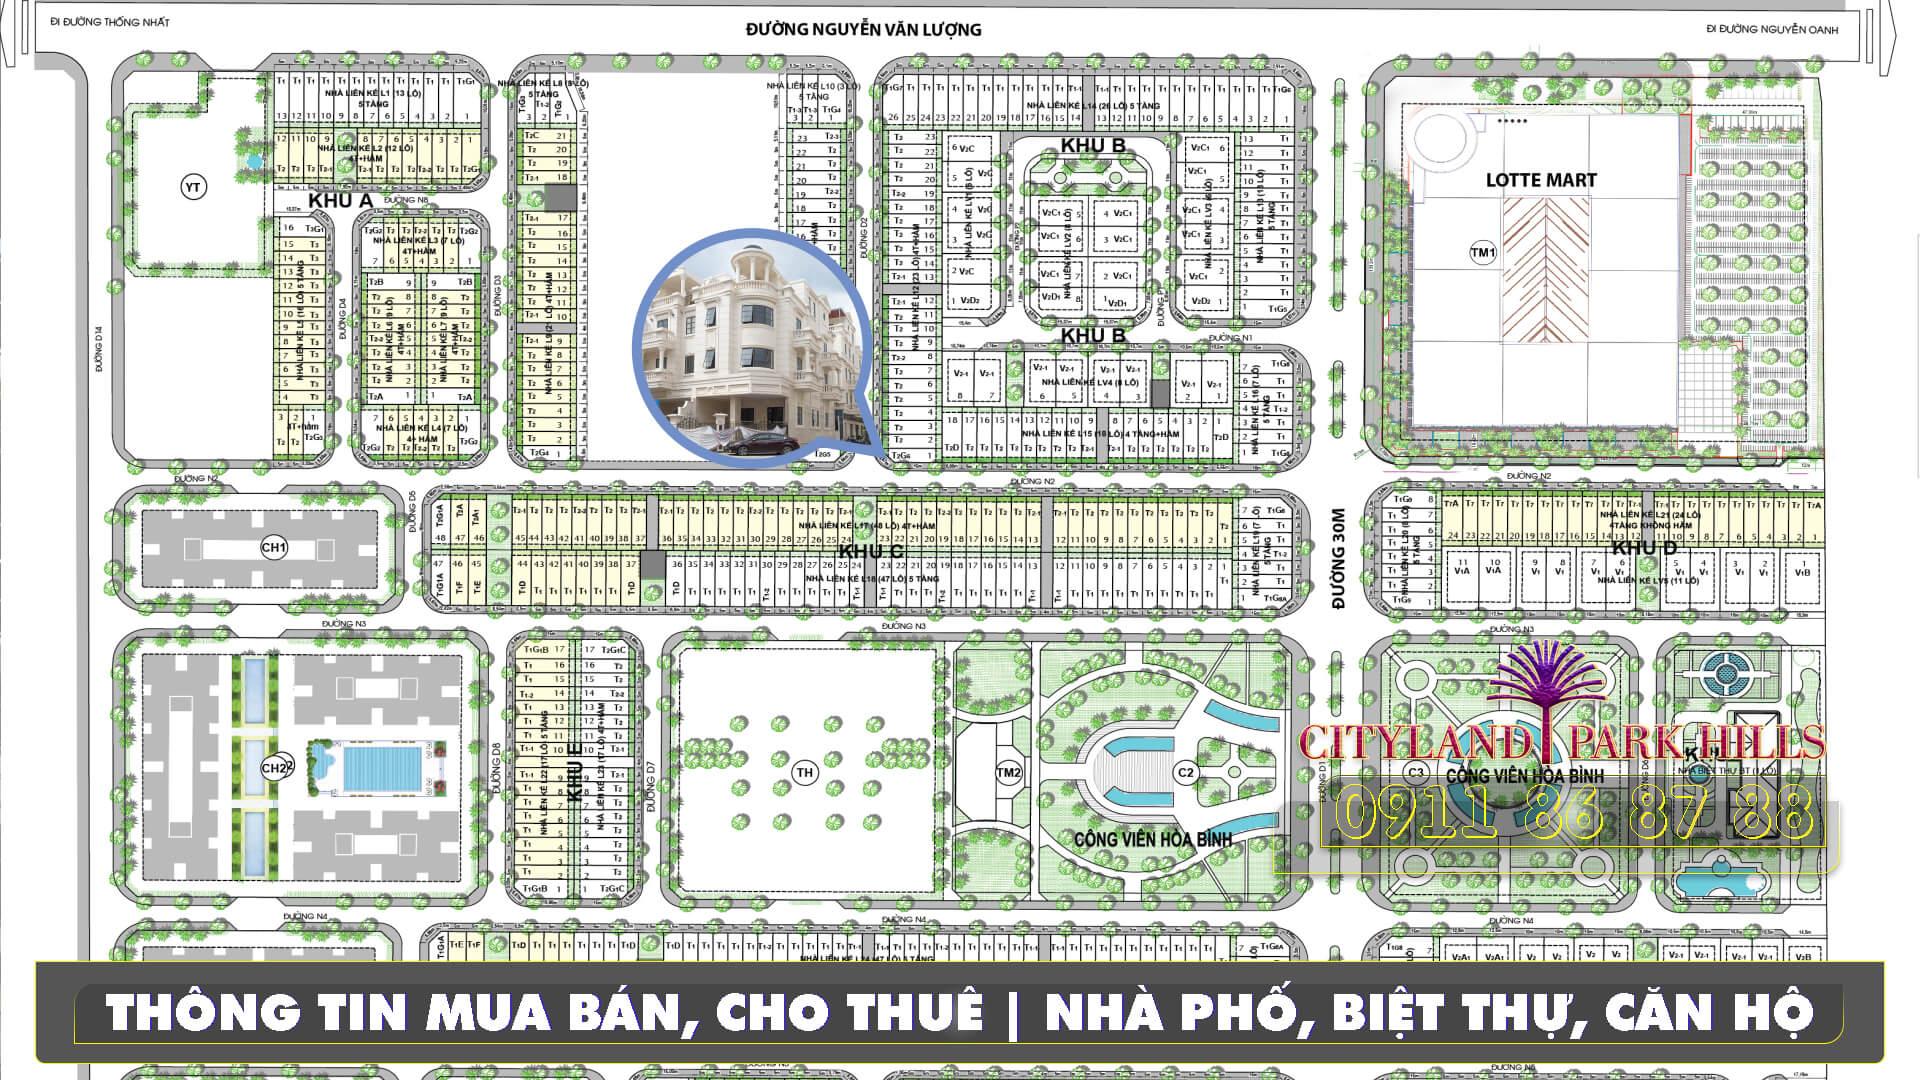 Bán Nhà Cityland Park Hills căn góc dãy giá 16,9 tỷ. Nhận nhà 2020